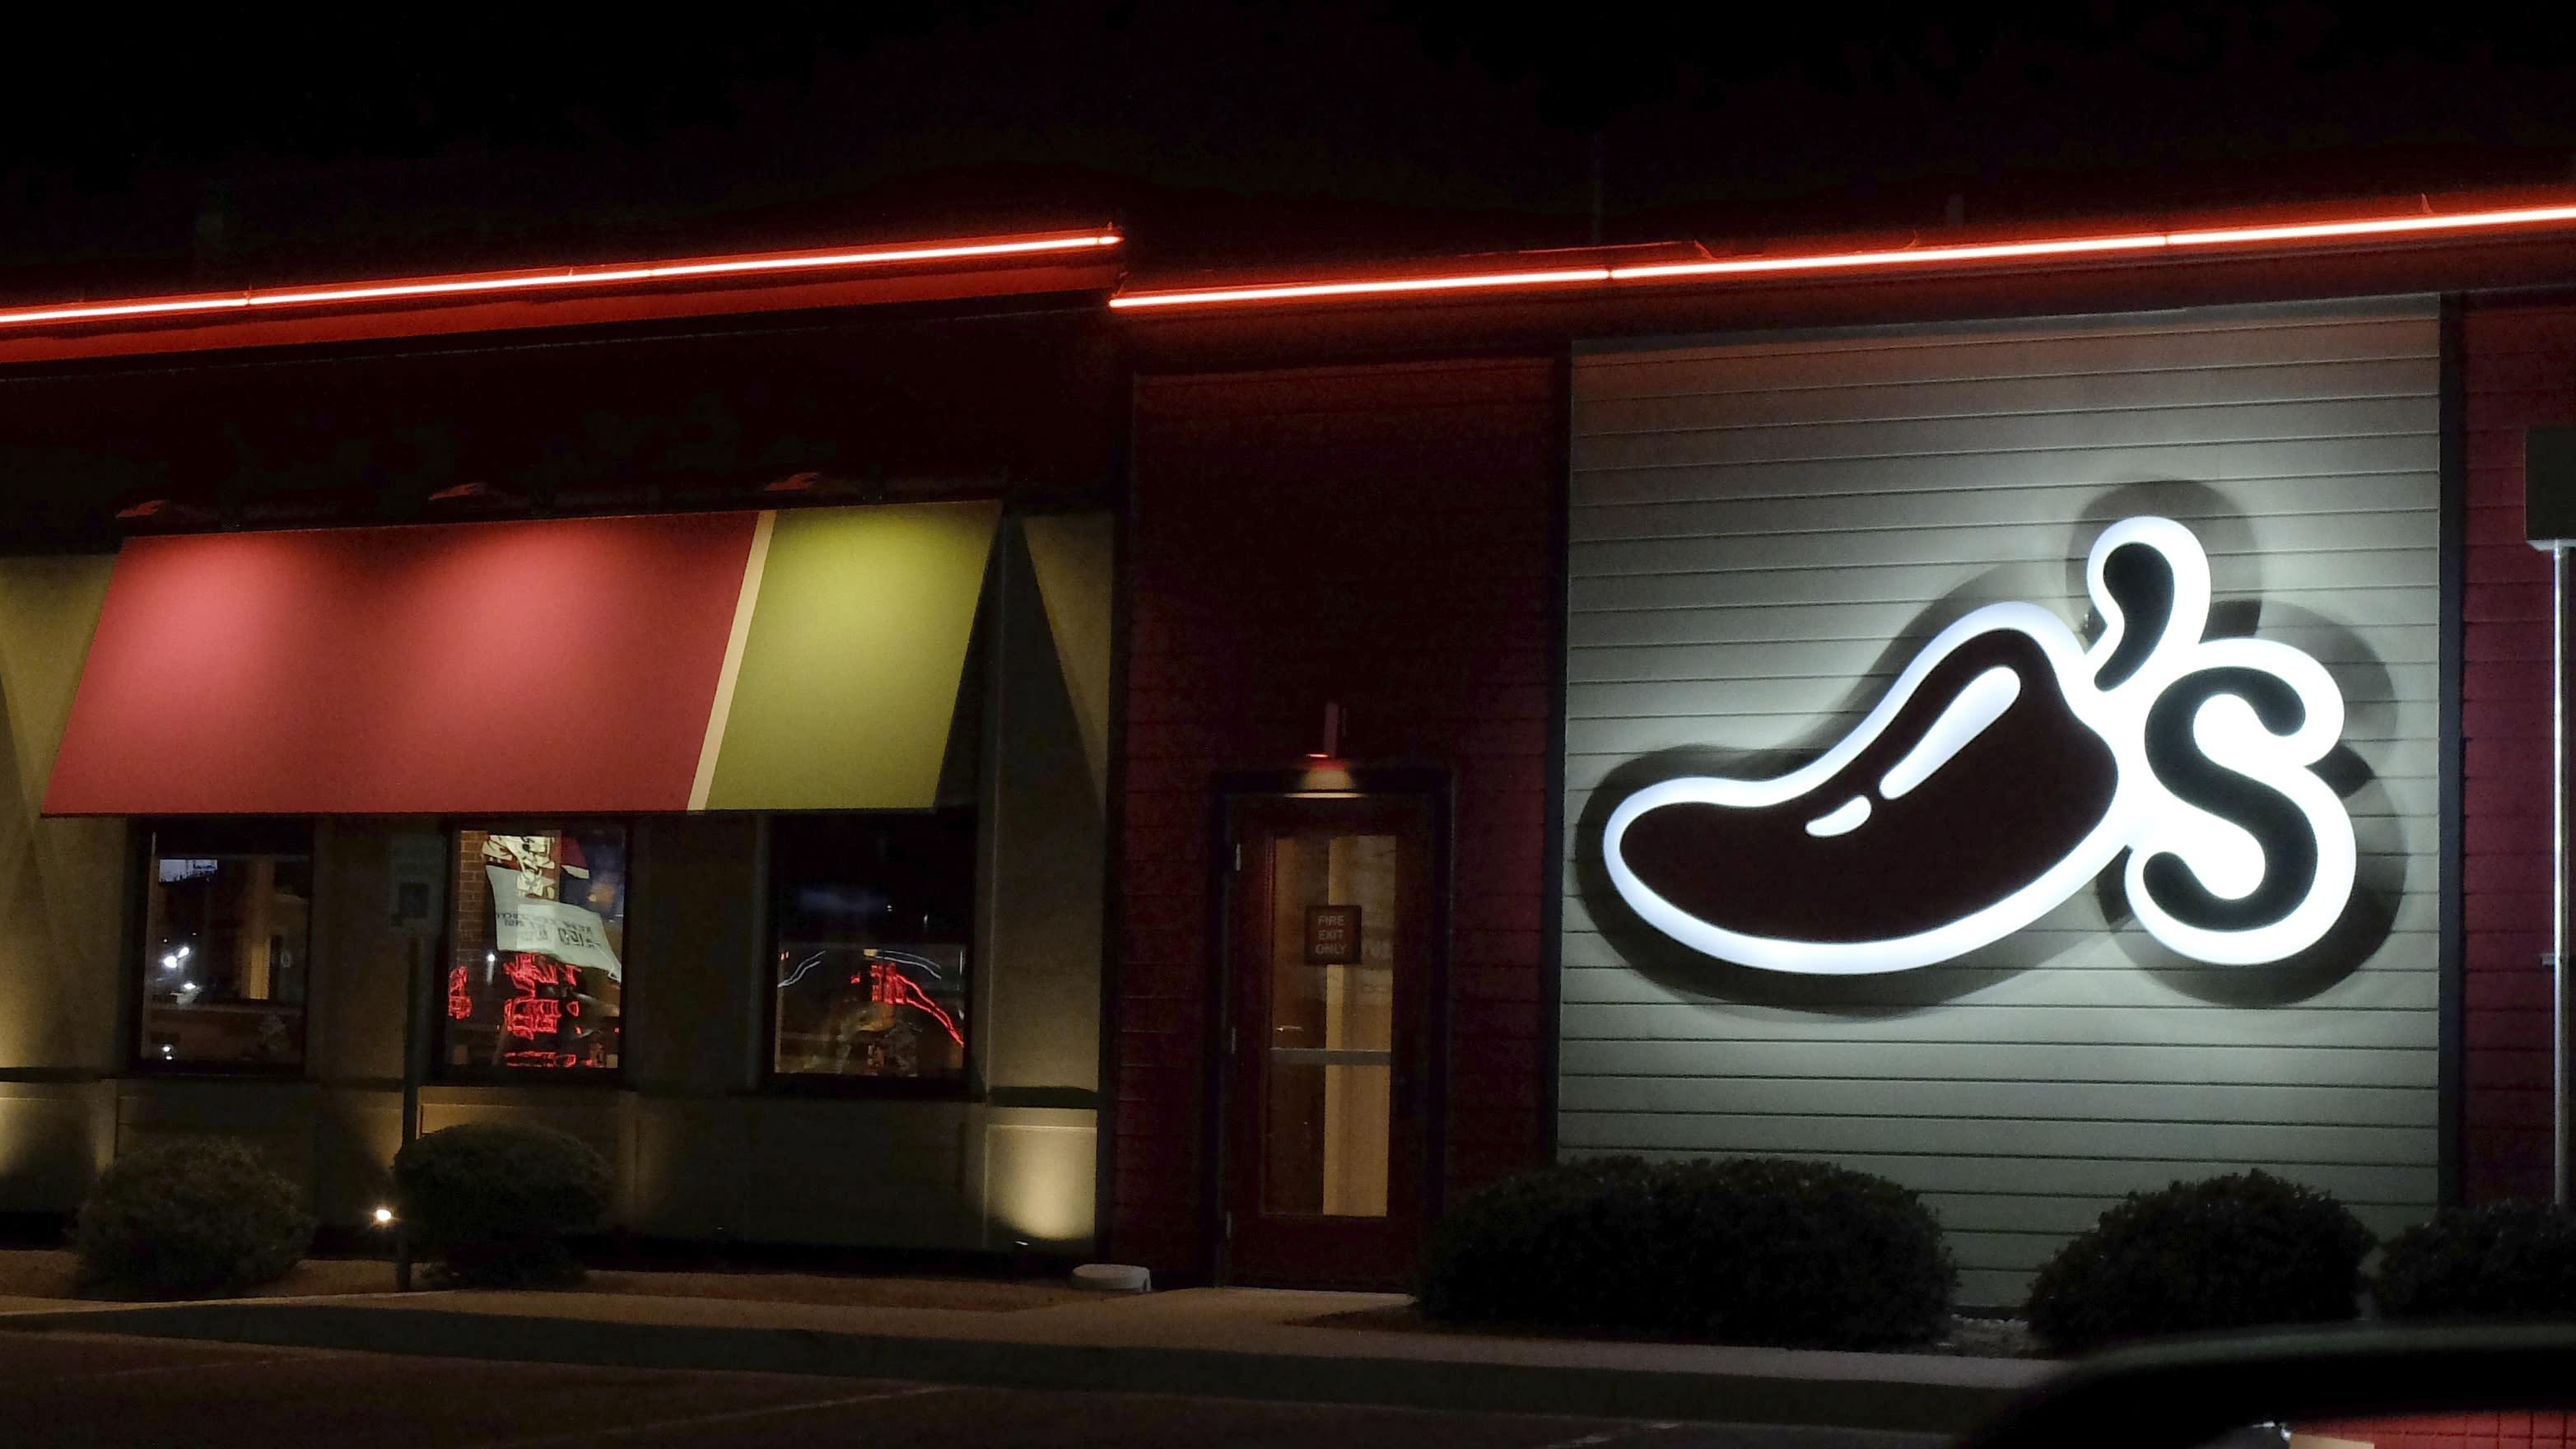 Chili's owner says restaurant business will be fine post coronavirus pandemic